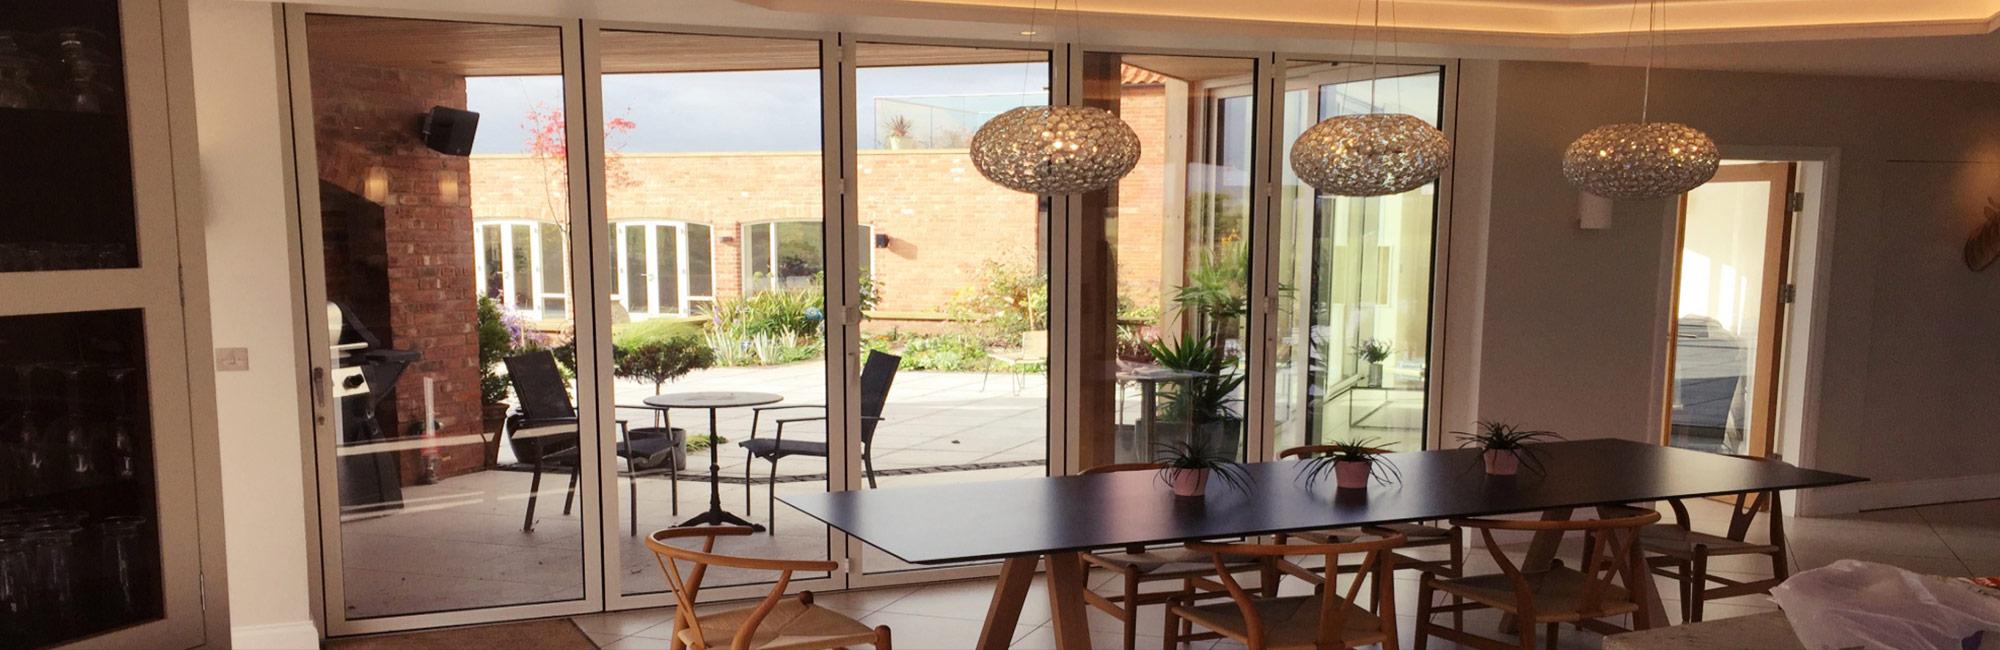 Sunflex SF45 & Internal - Sunflex SF45 Bifold Door - Park Farm Design